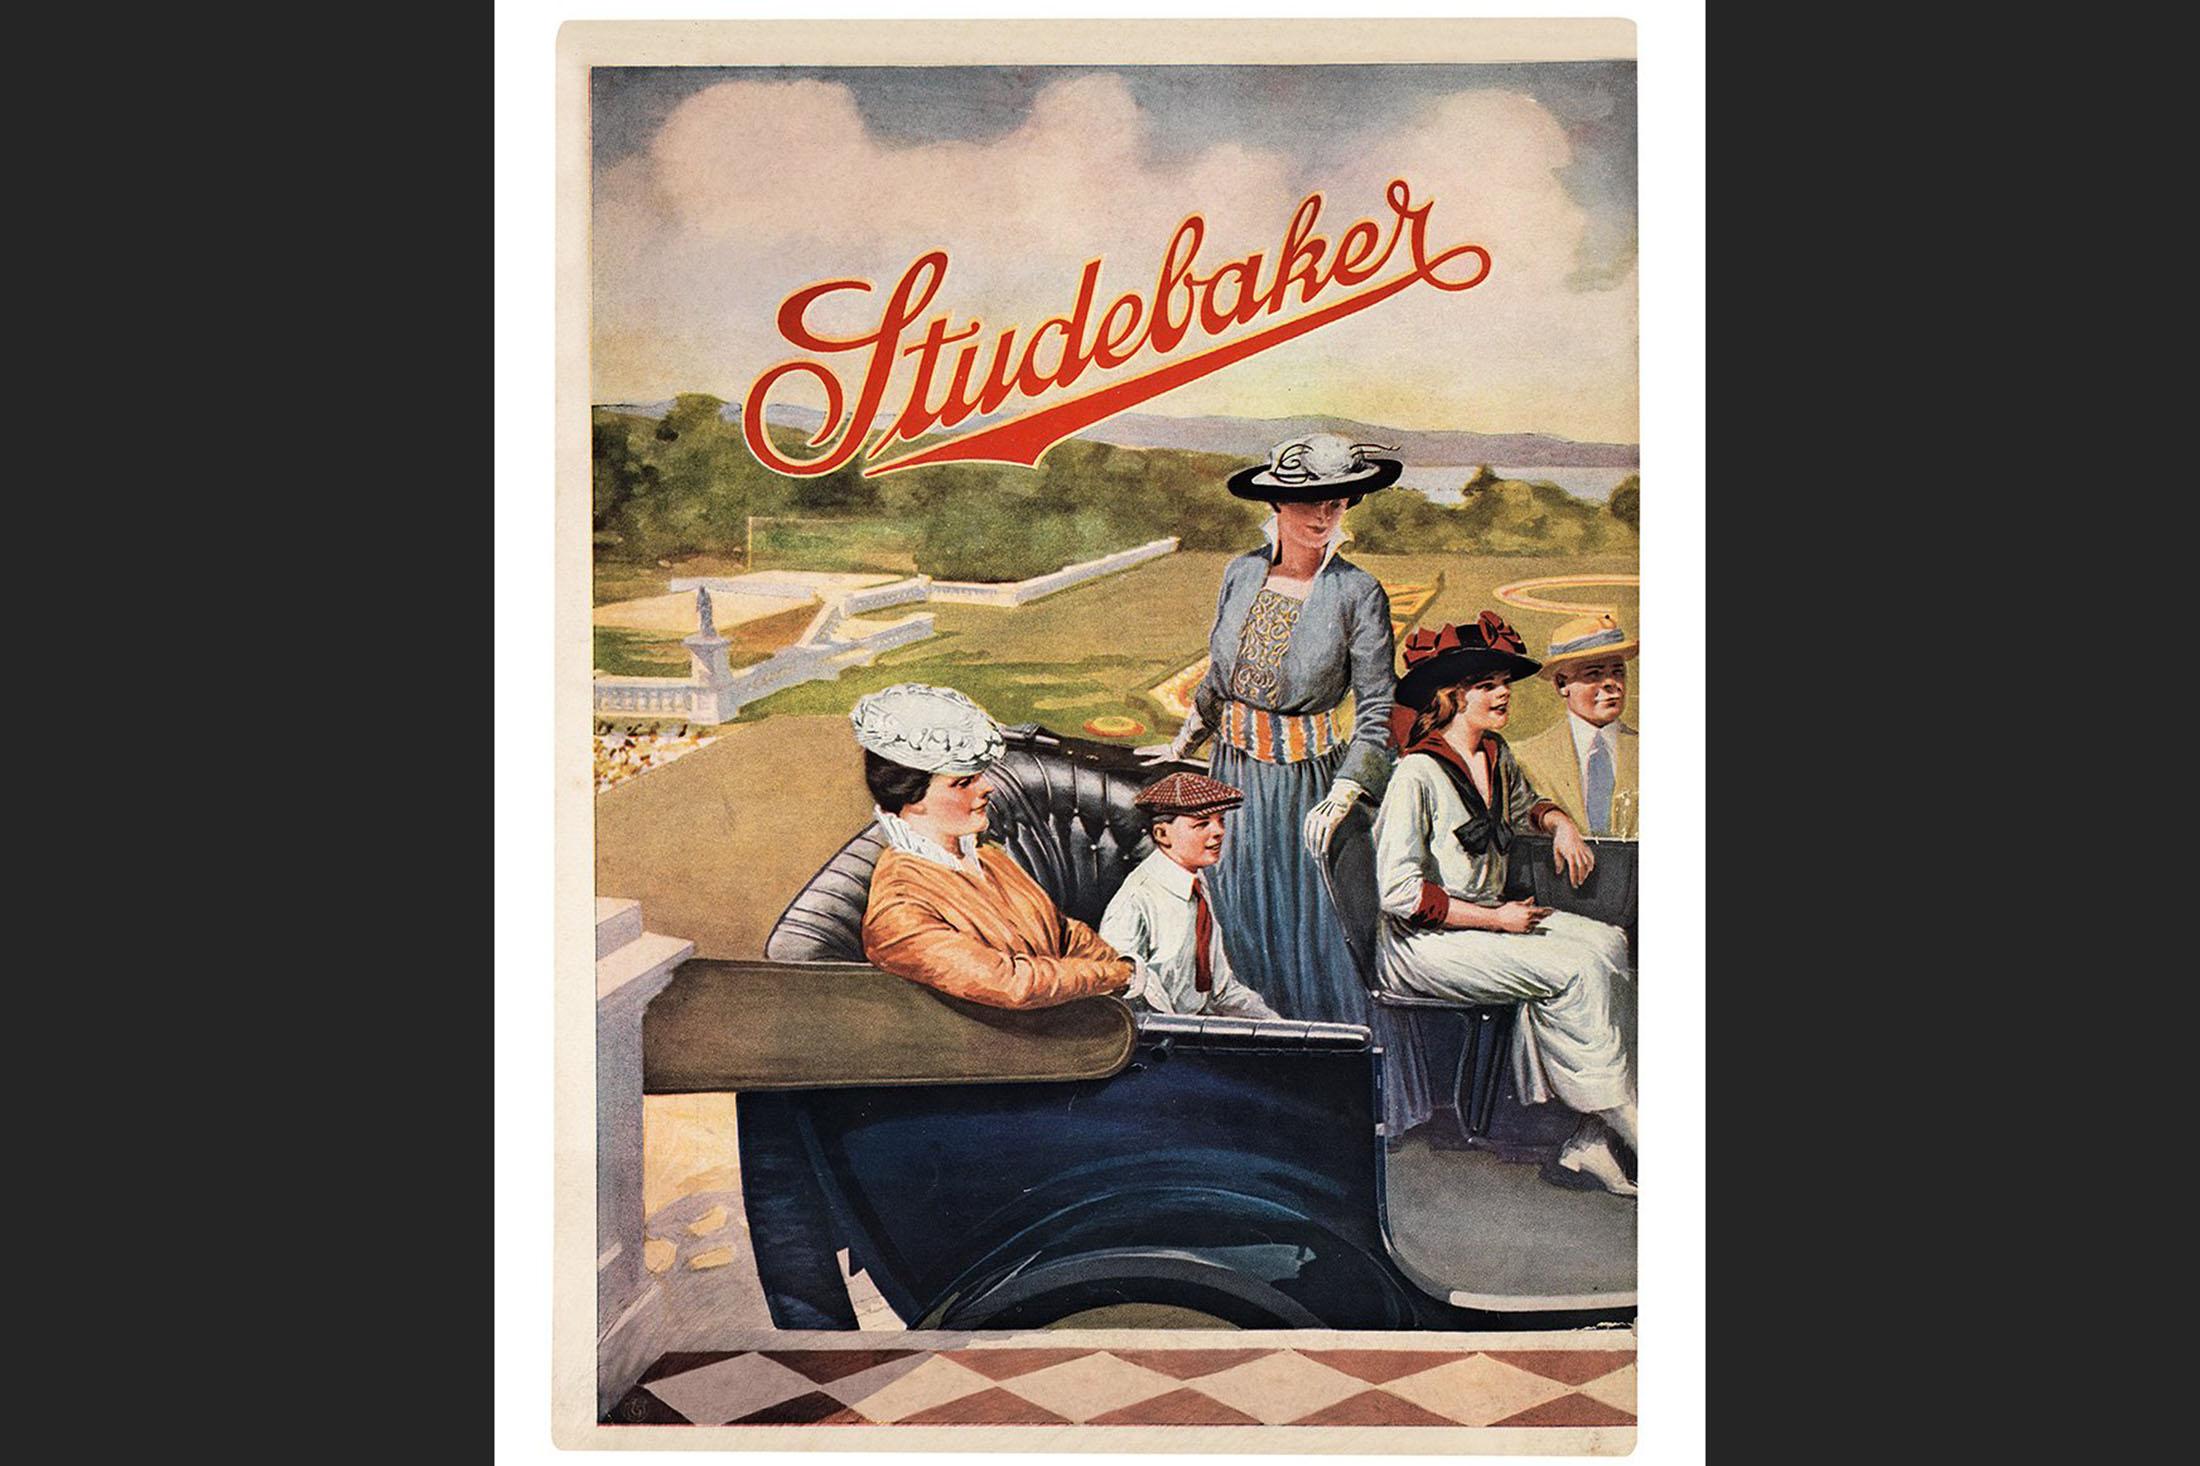 Studebaker, 1916